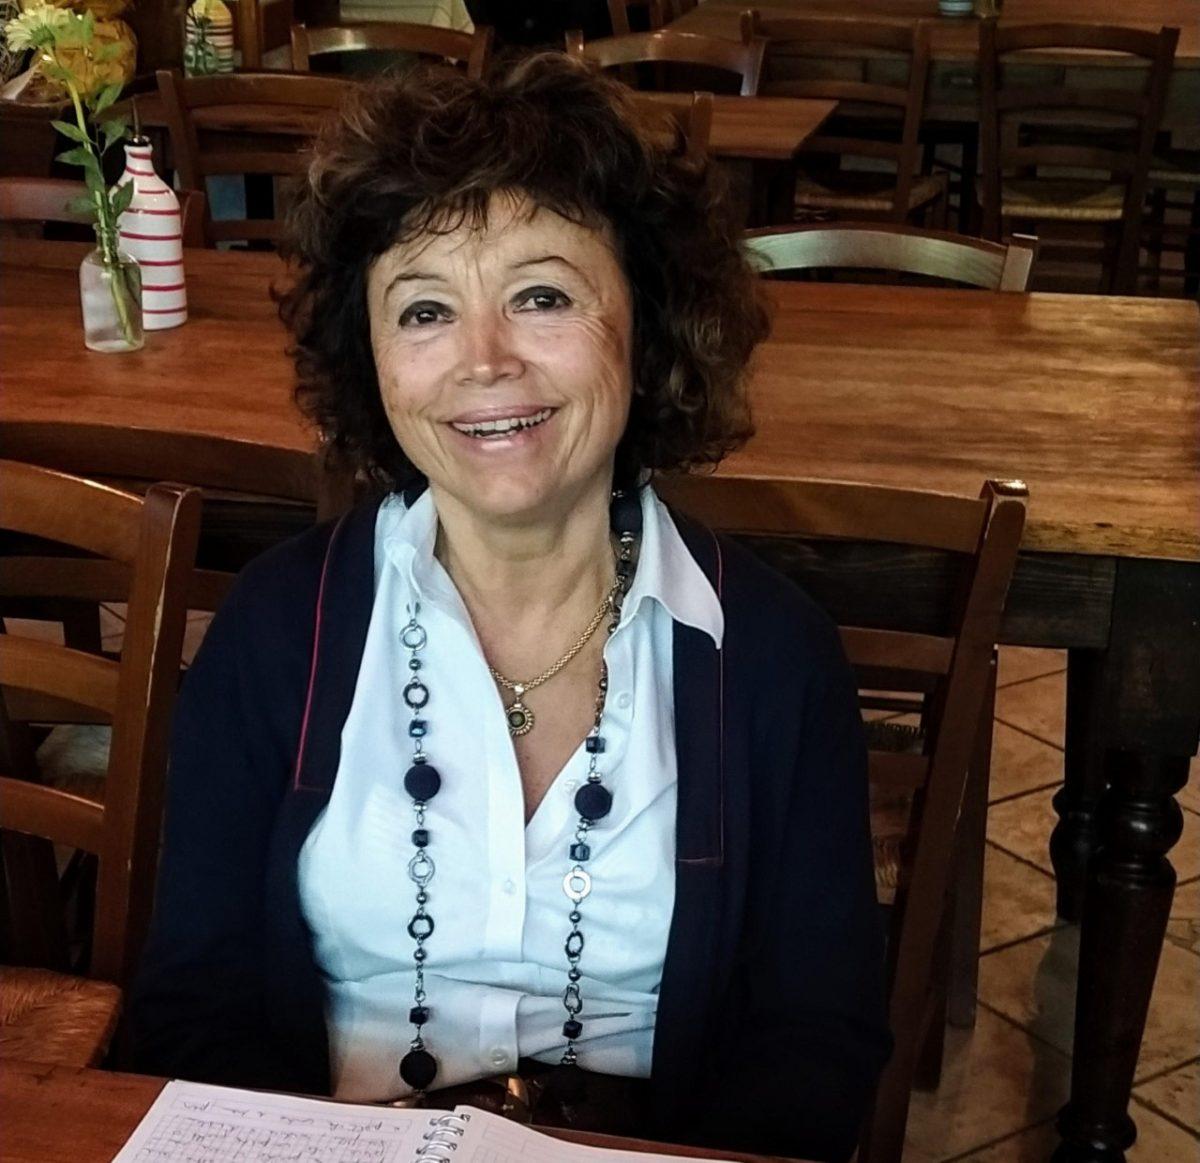 Viadana, Fabrizia Zaffanella scopre le carte - La Voce di Mantova